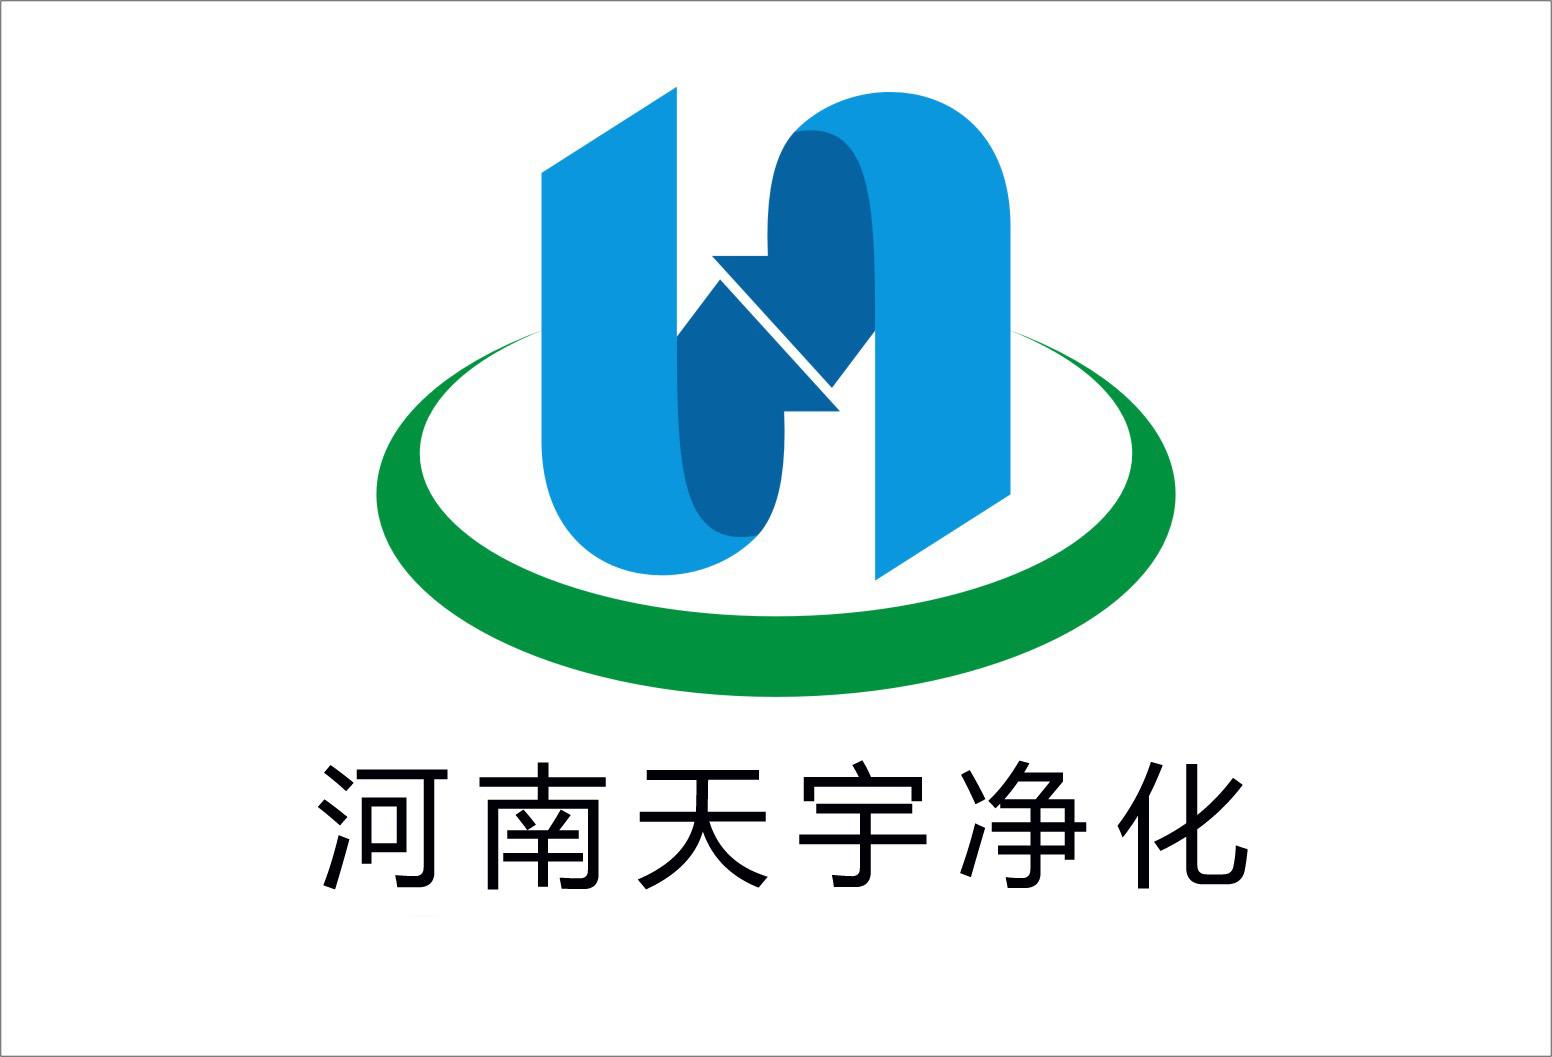 河南省天宇净化技术有限公司